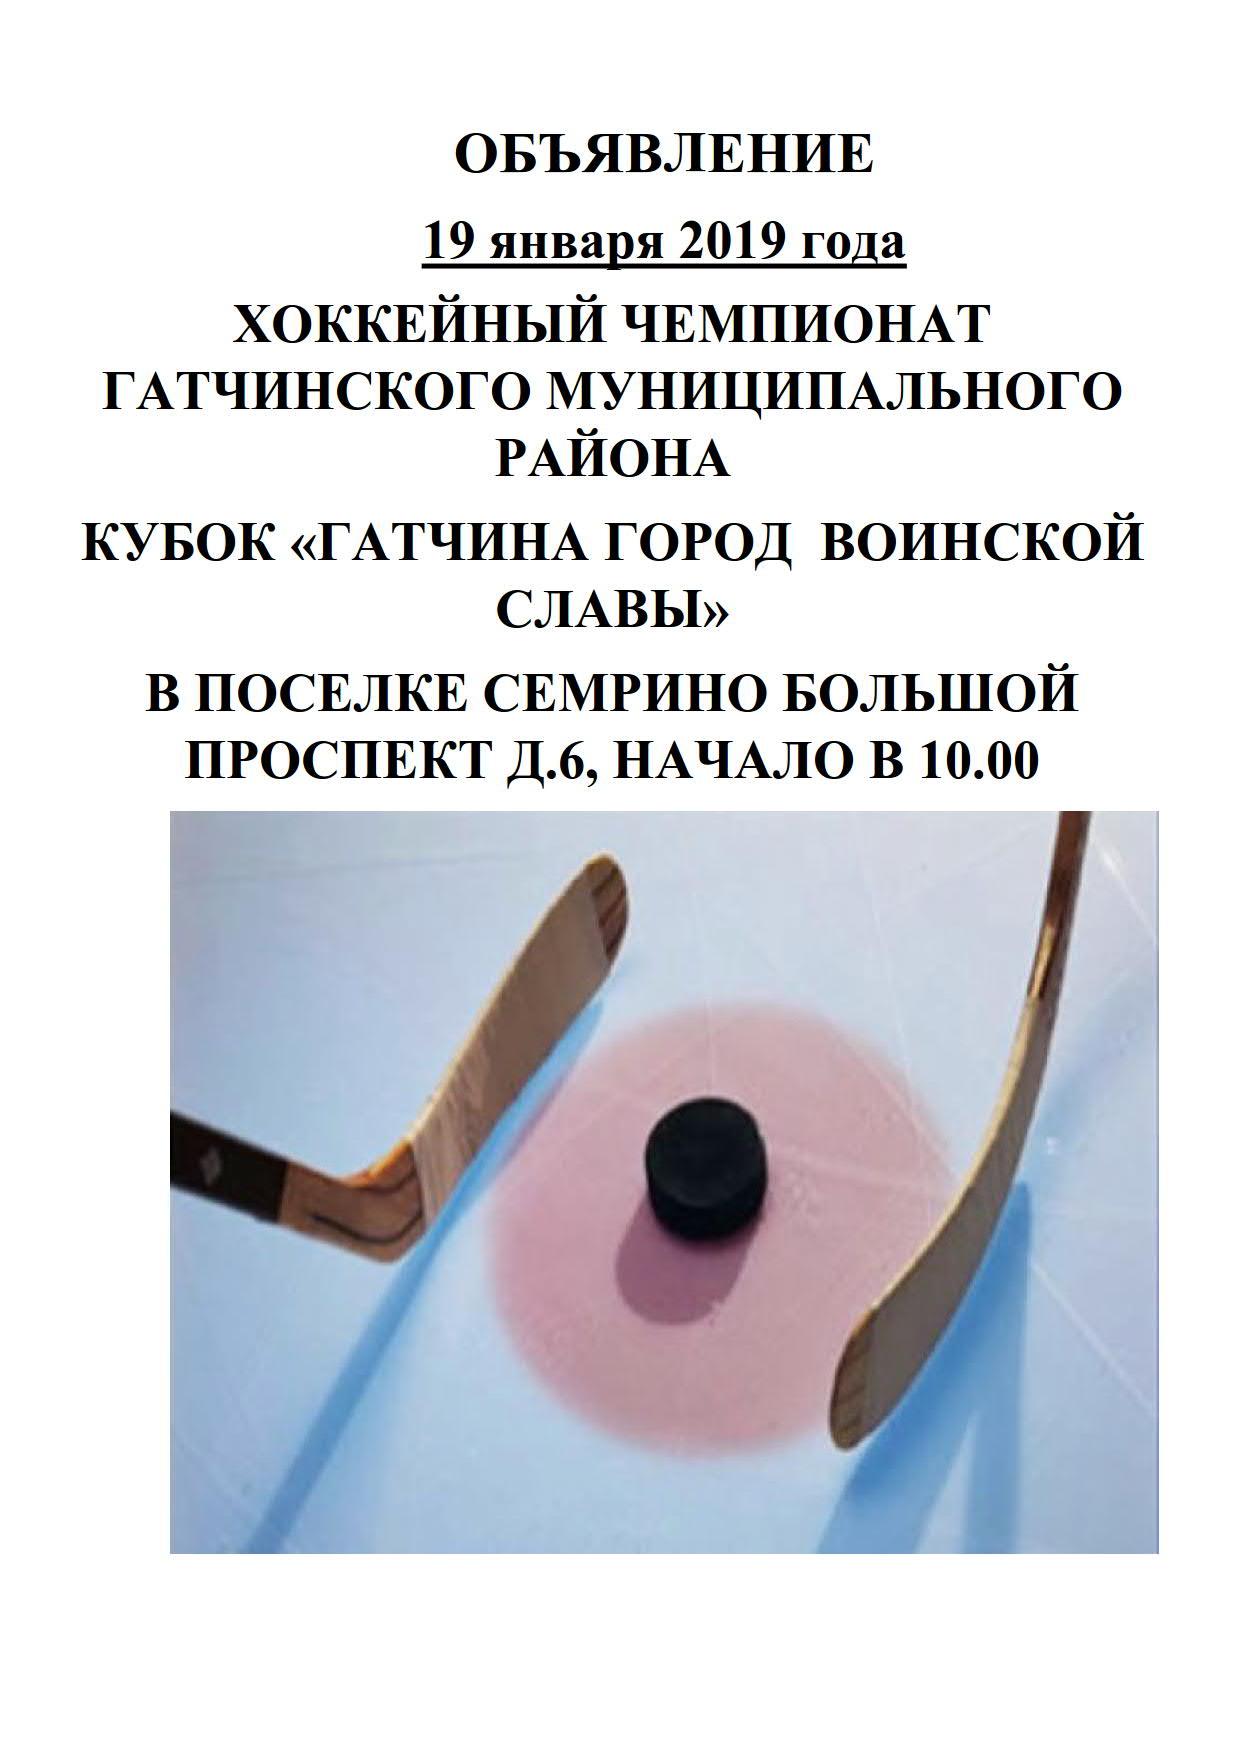 ОБЪЯВЛЕНИЕ Хоккей 19.01.2019_1